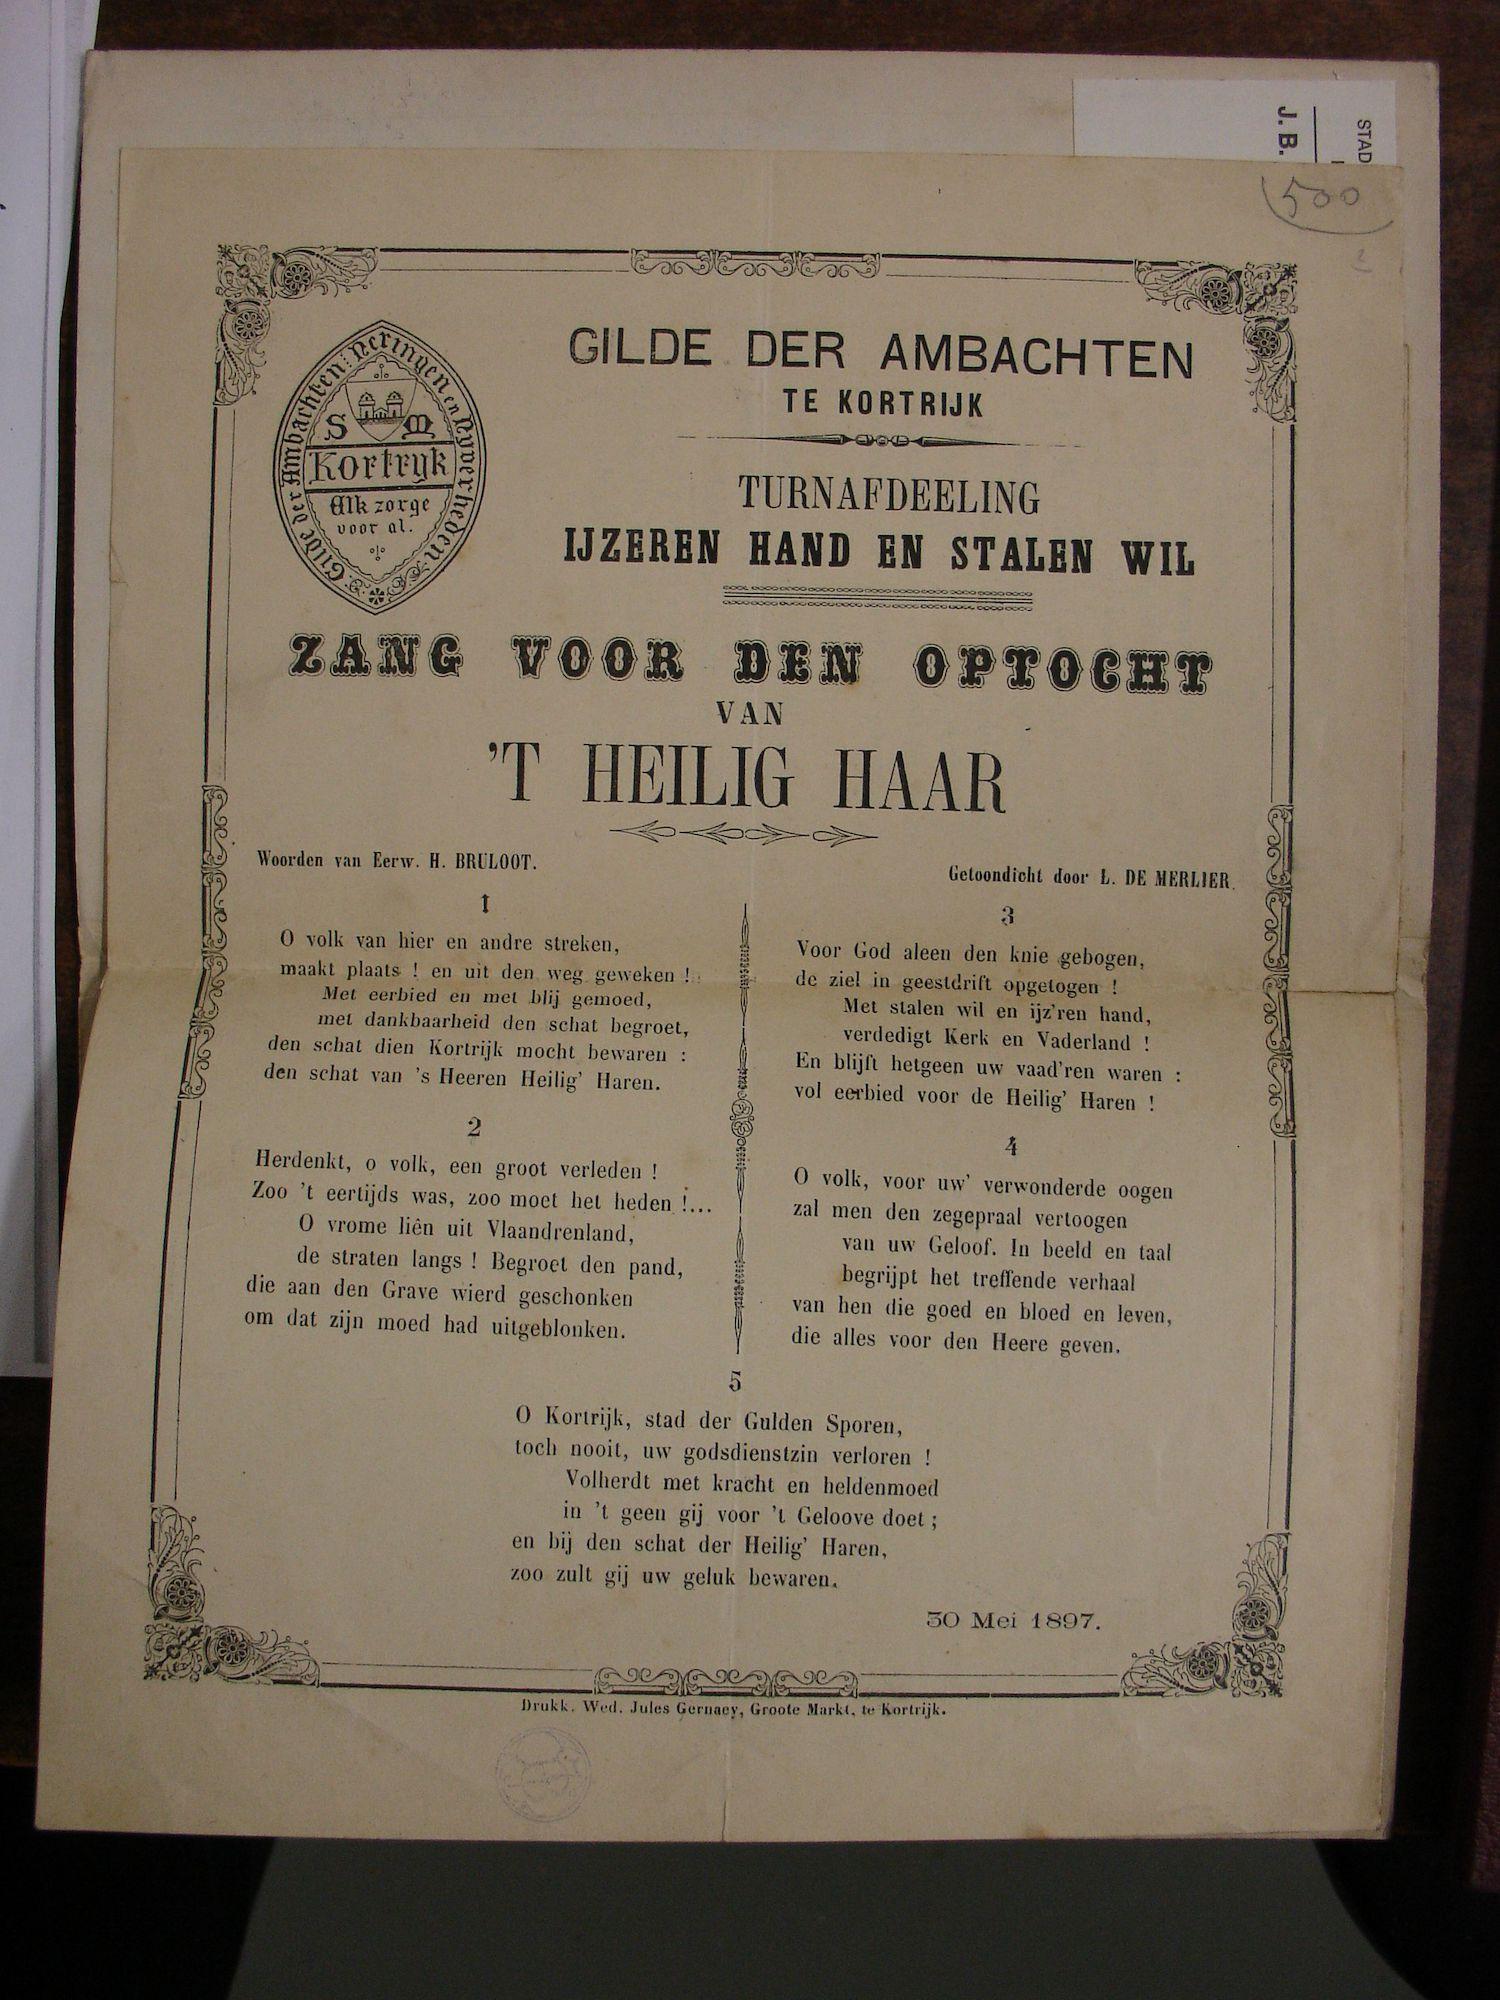 Zang voor de optocht van het Heilig Haar 1897